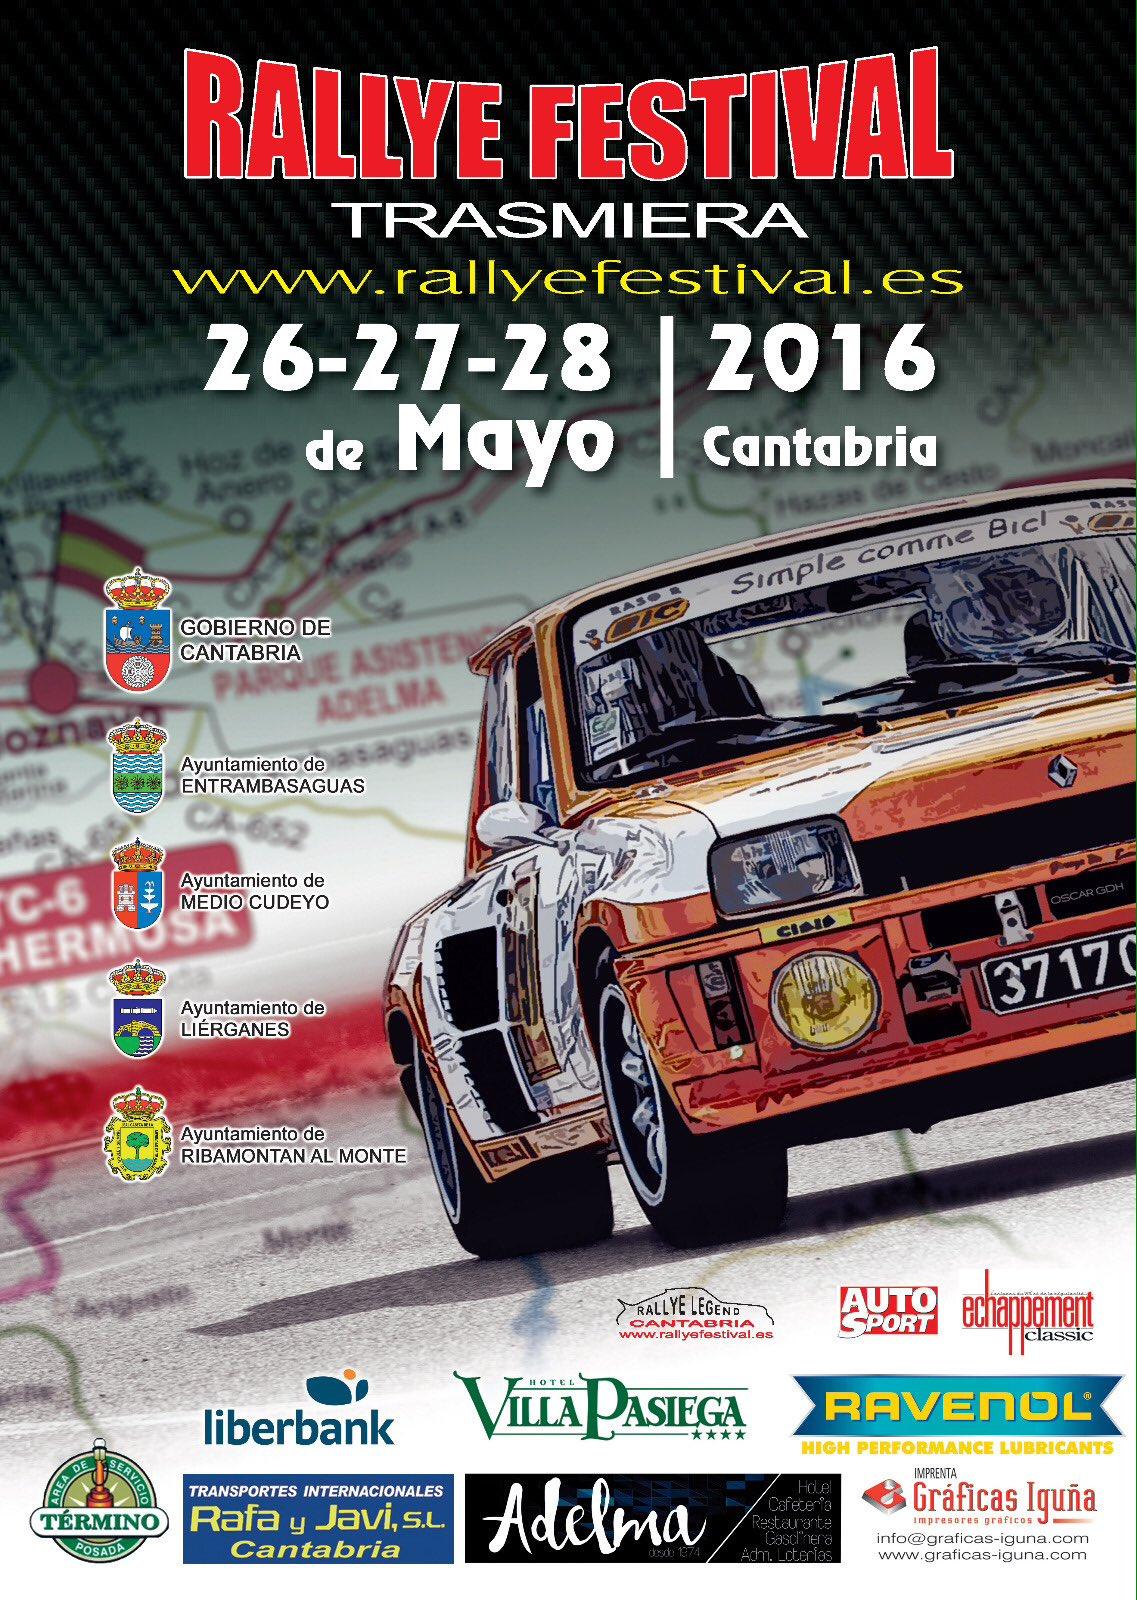 4º Rallye Festival Trasmiera [26-27-28 Mayo] Cdxl0QrWEAMRCm4